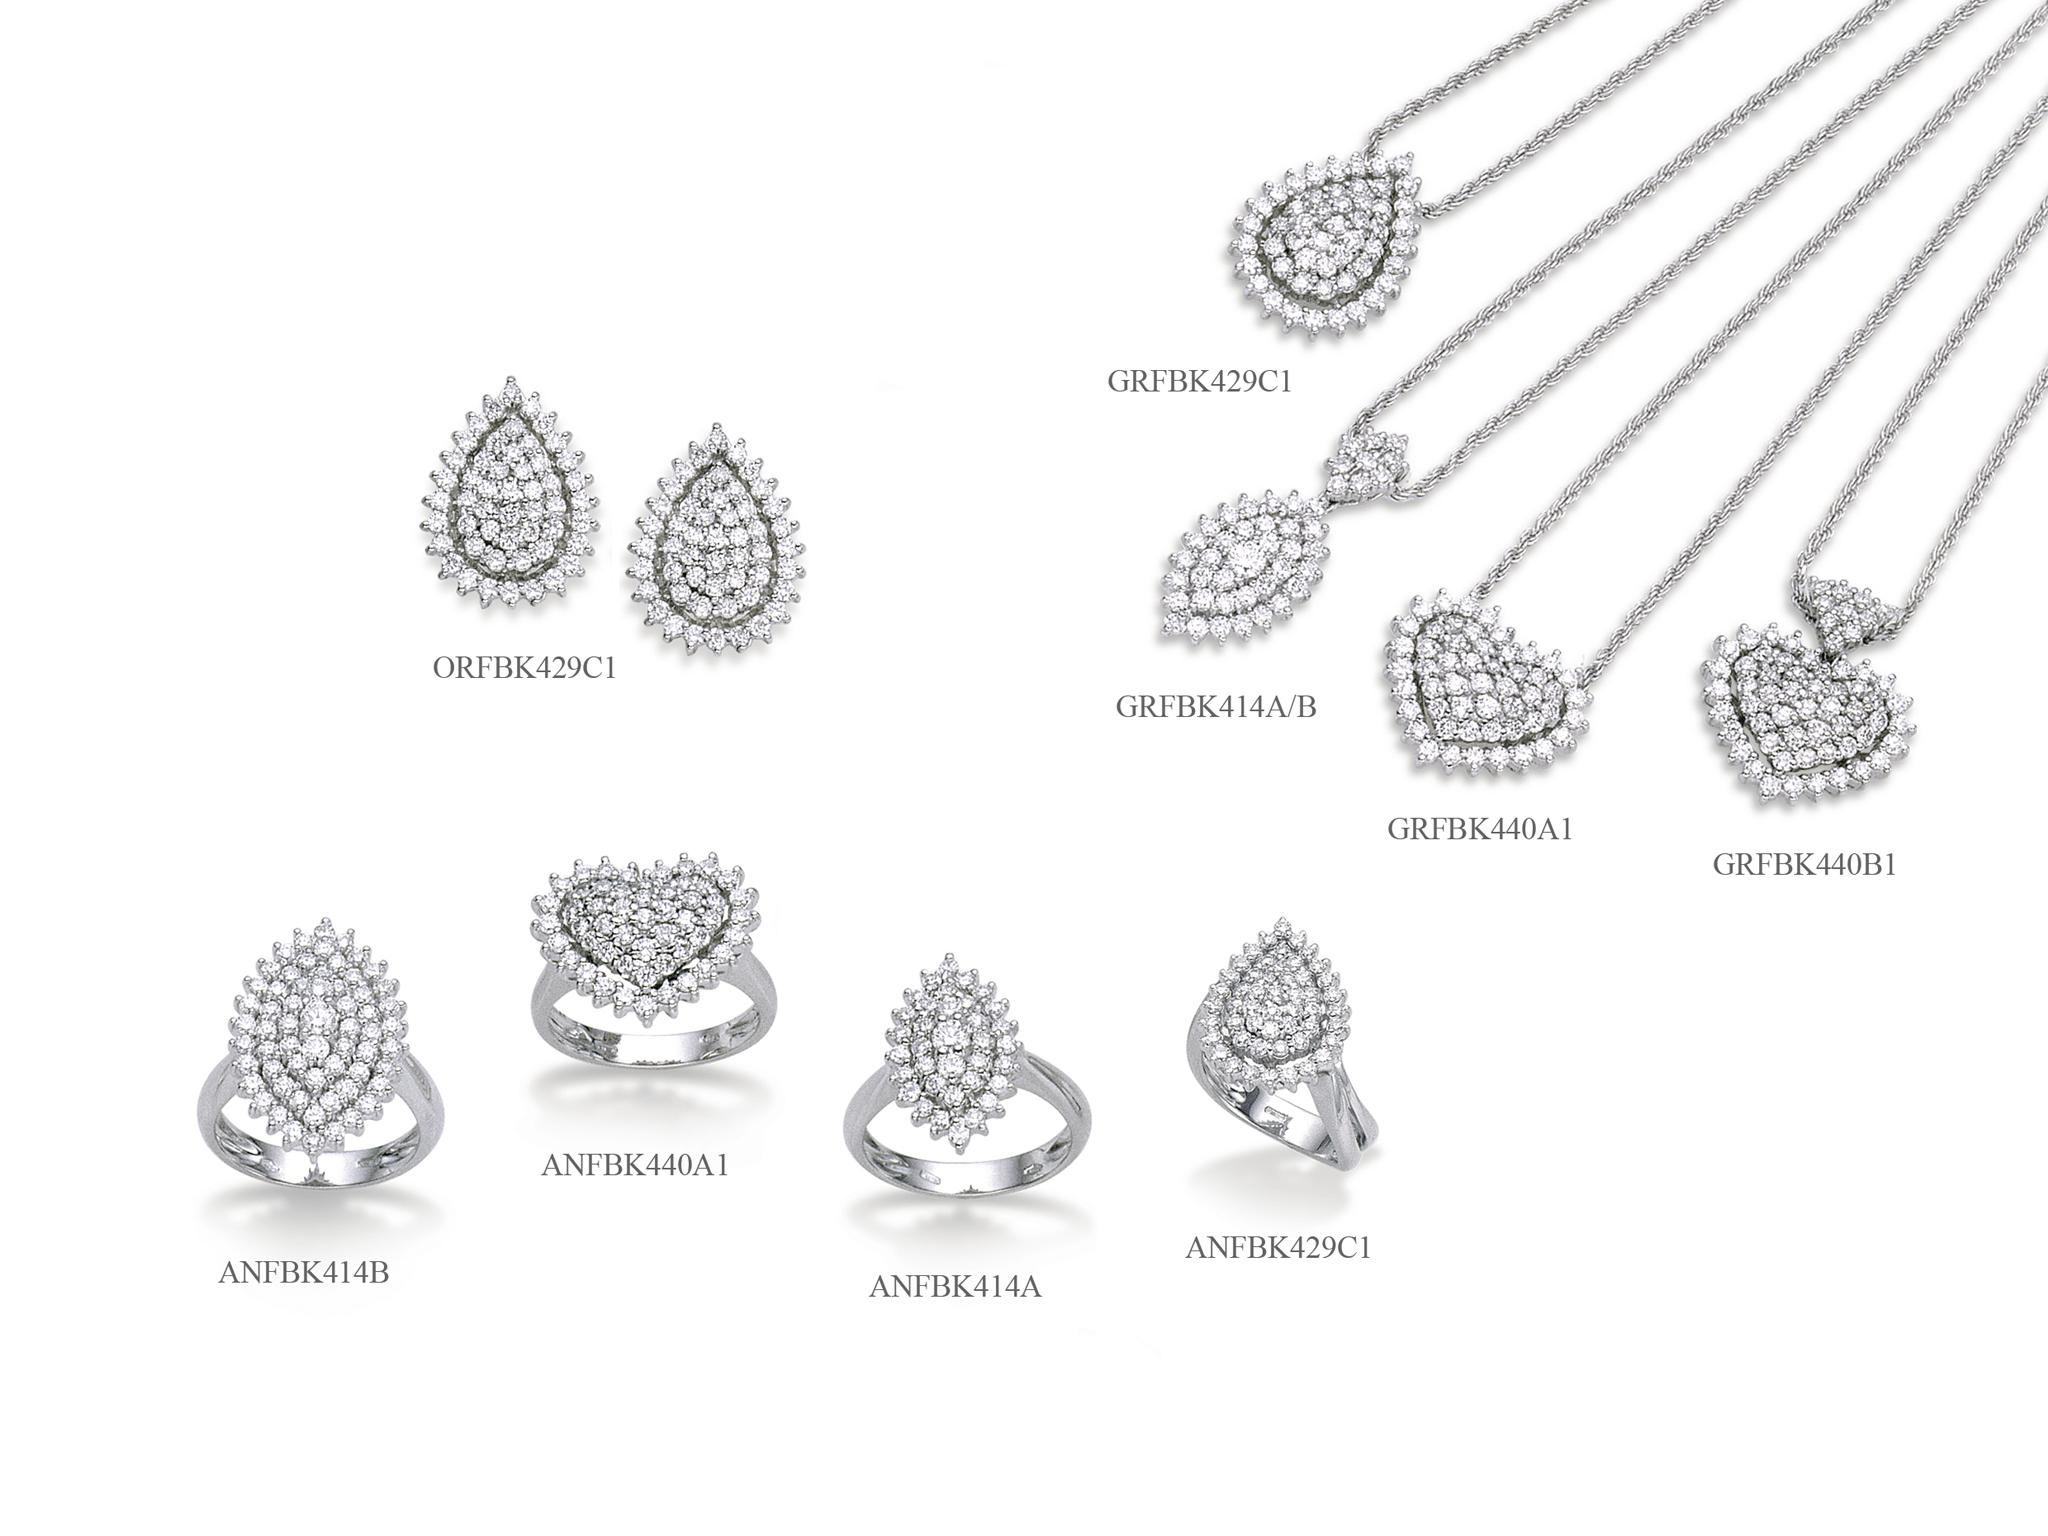 diamanti_pagina_6_app